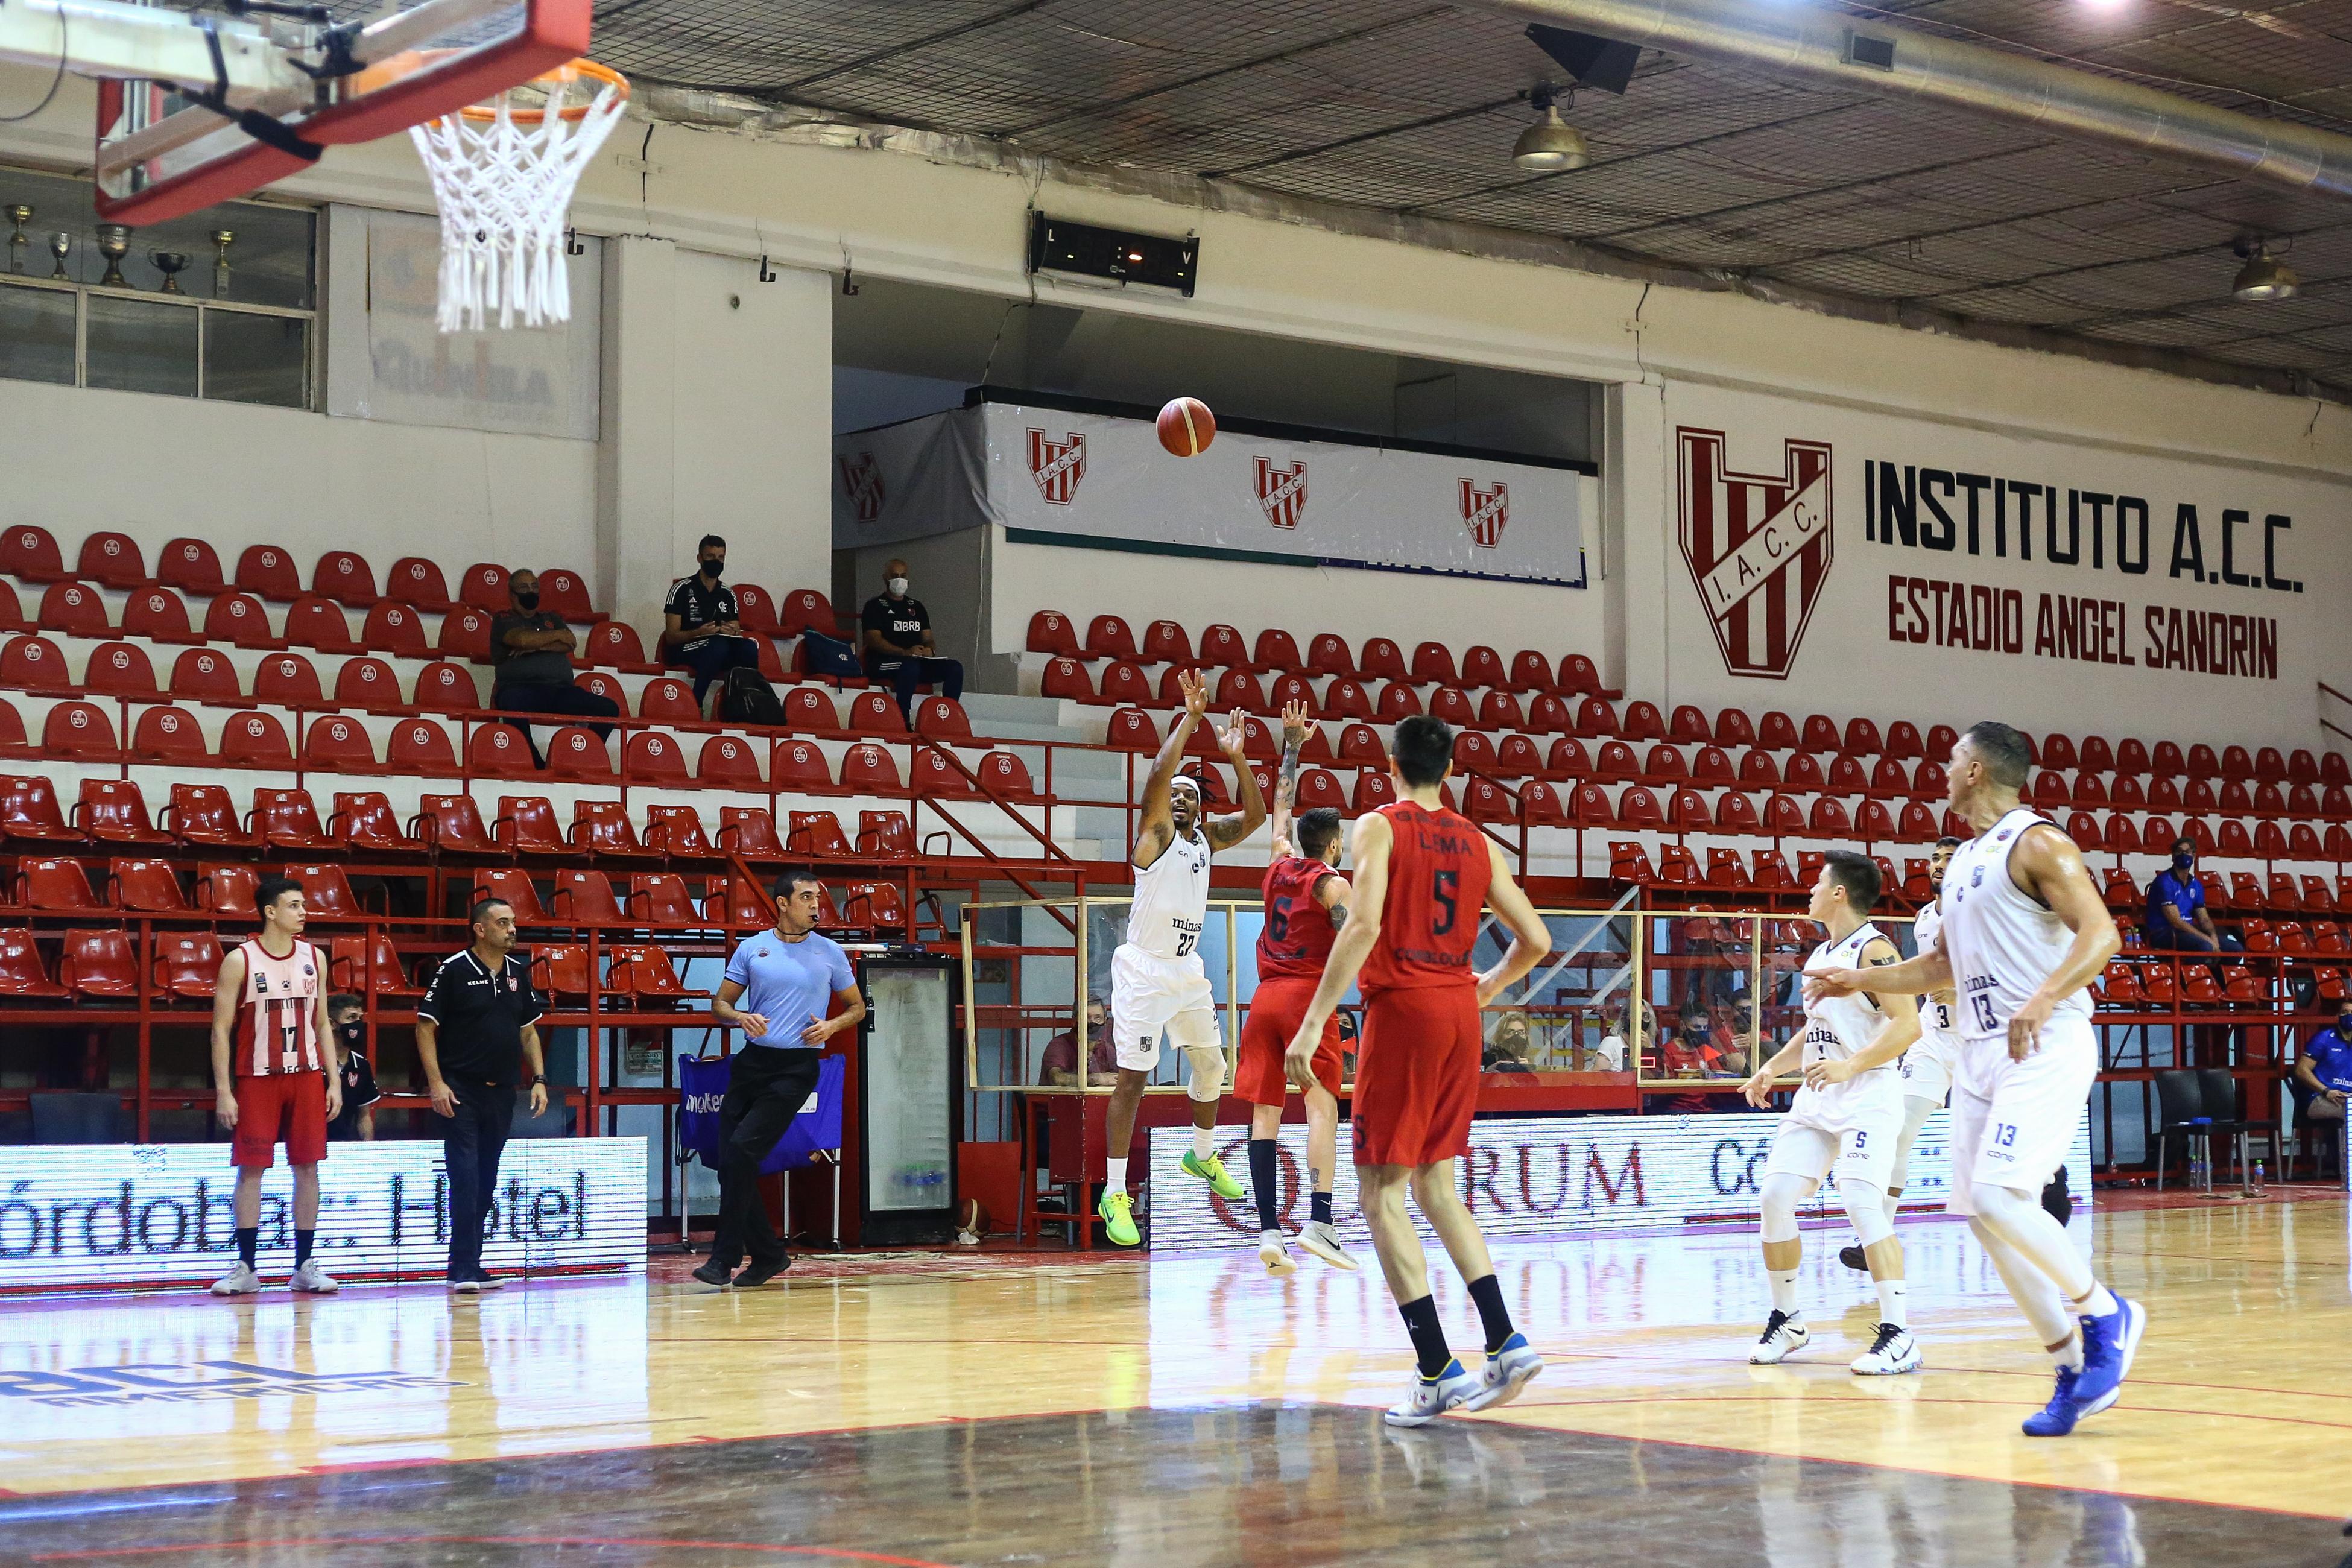 Minas garantiu vaga na próxima fase como segundo colocado do grupo D (Foto: Leonardo Gomez)